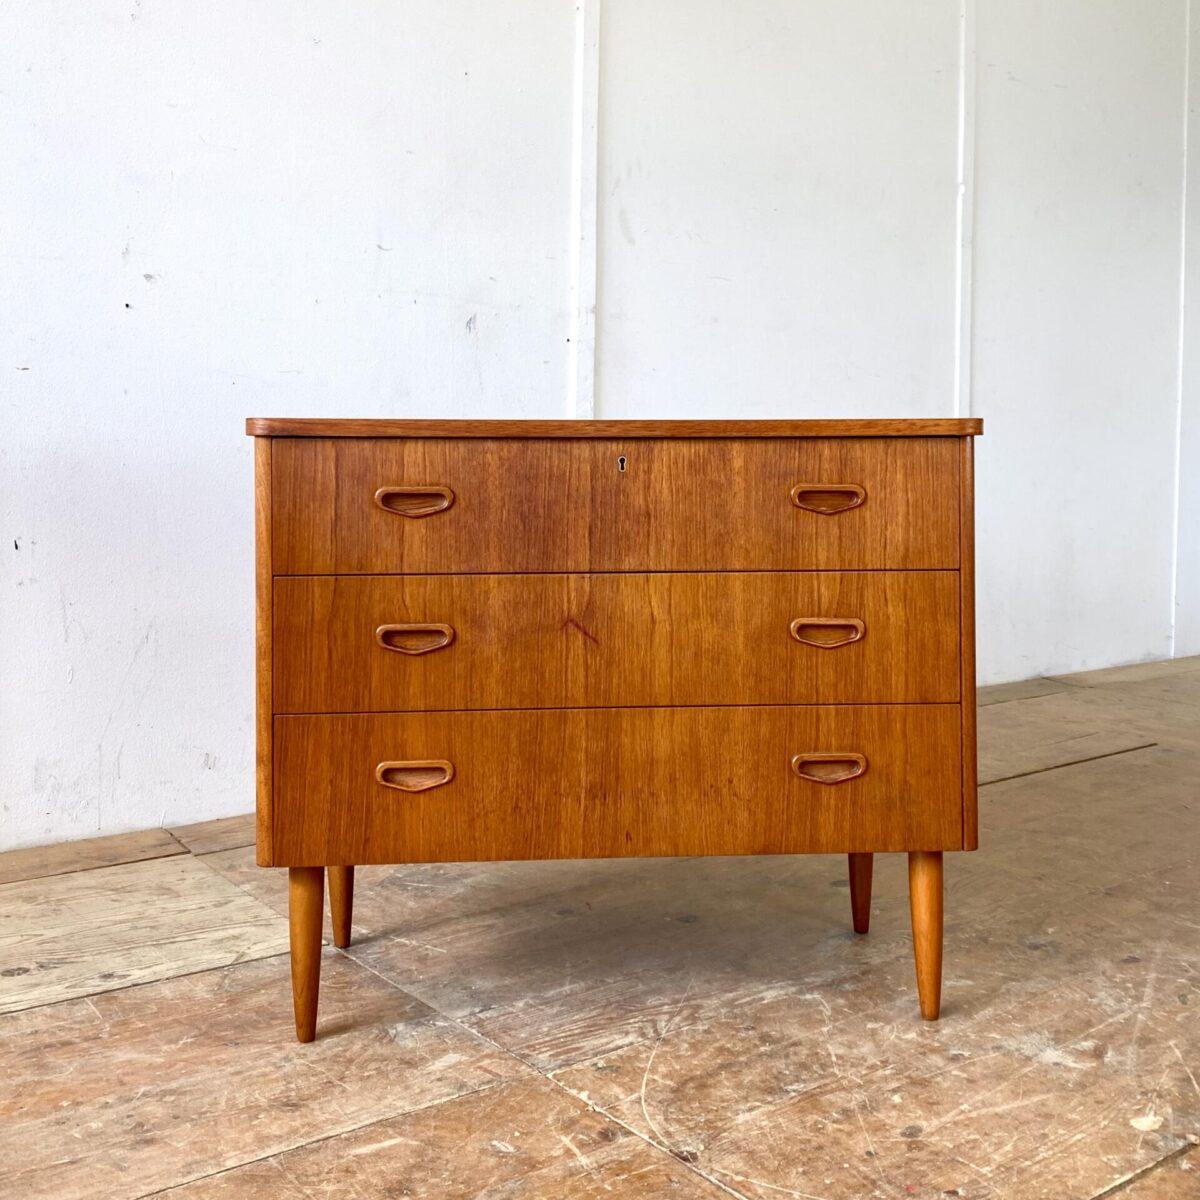 Deuxieme.shop midcentury furniture danish Teak Sideboard. Kleine Dänische Teak Kommode mit drei Schubladen. Das Sideboard steht auf konischen Rundbeinen. 82x41cm Höhe 68cm.